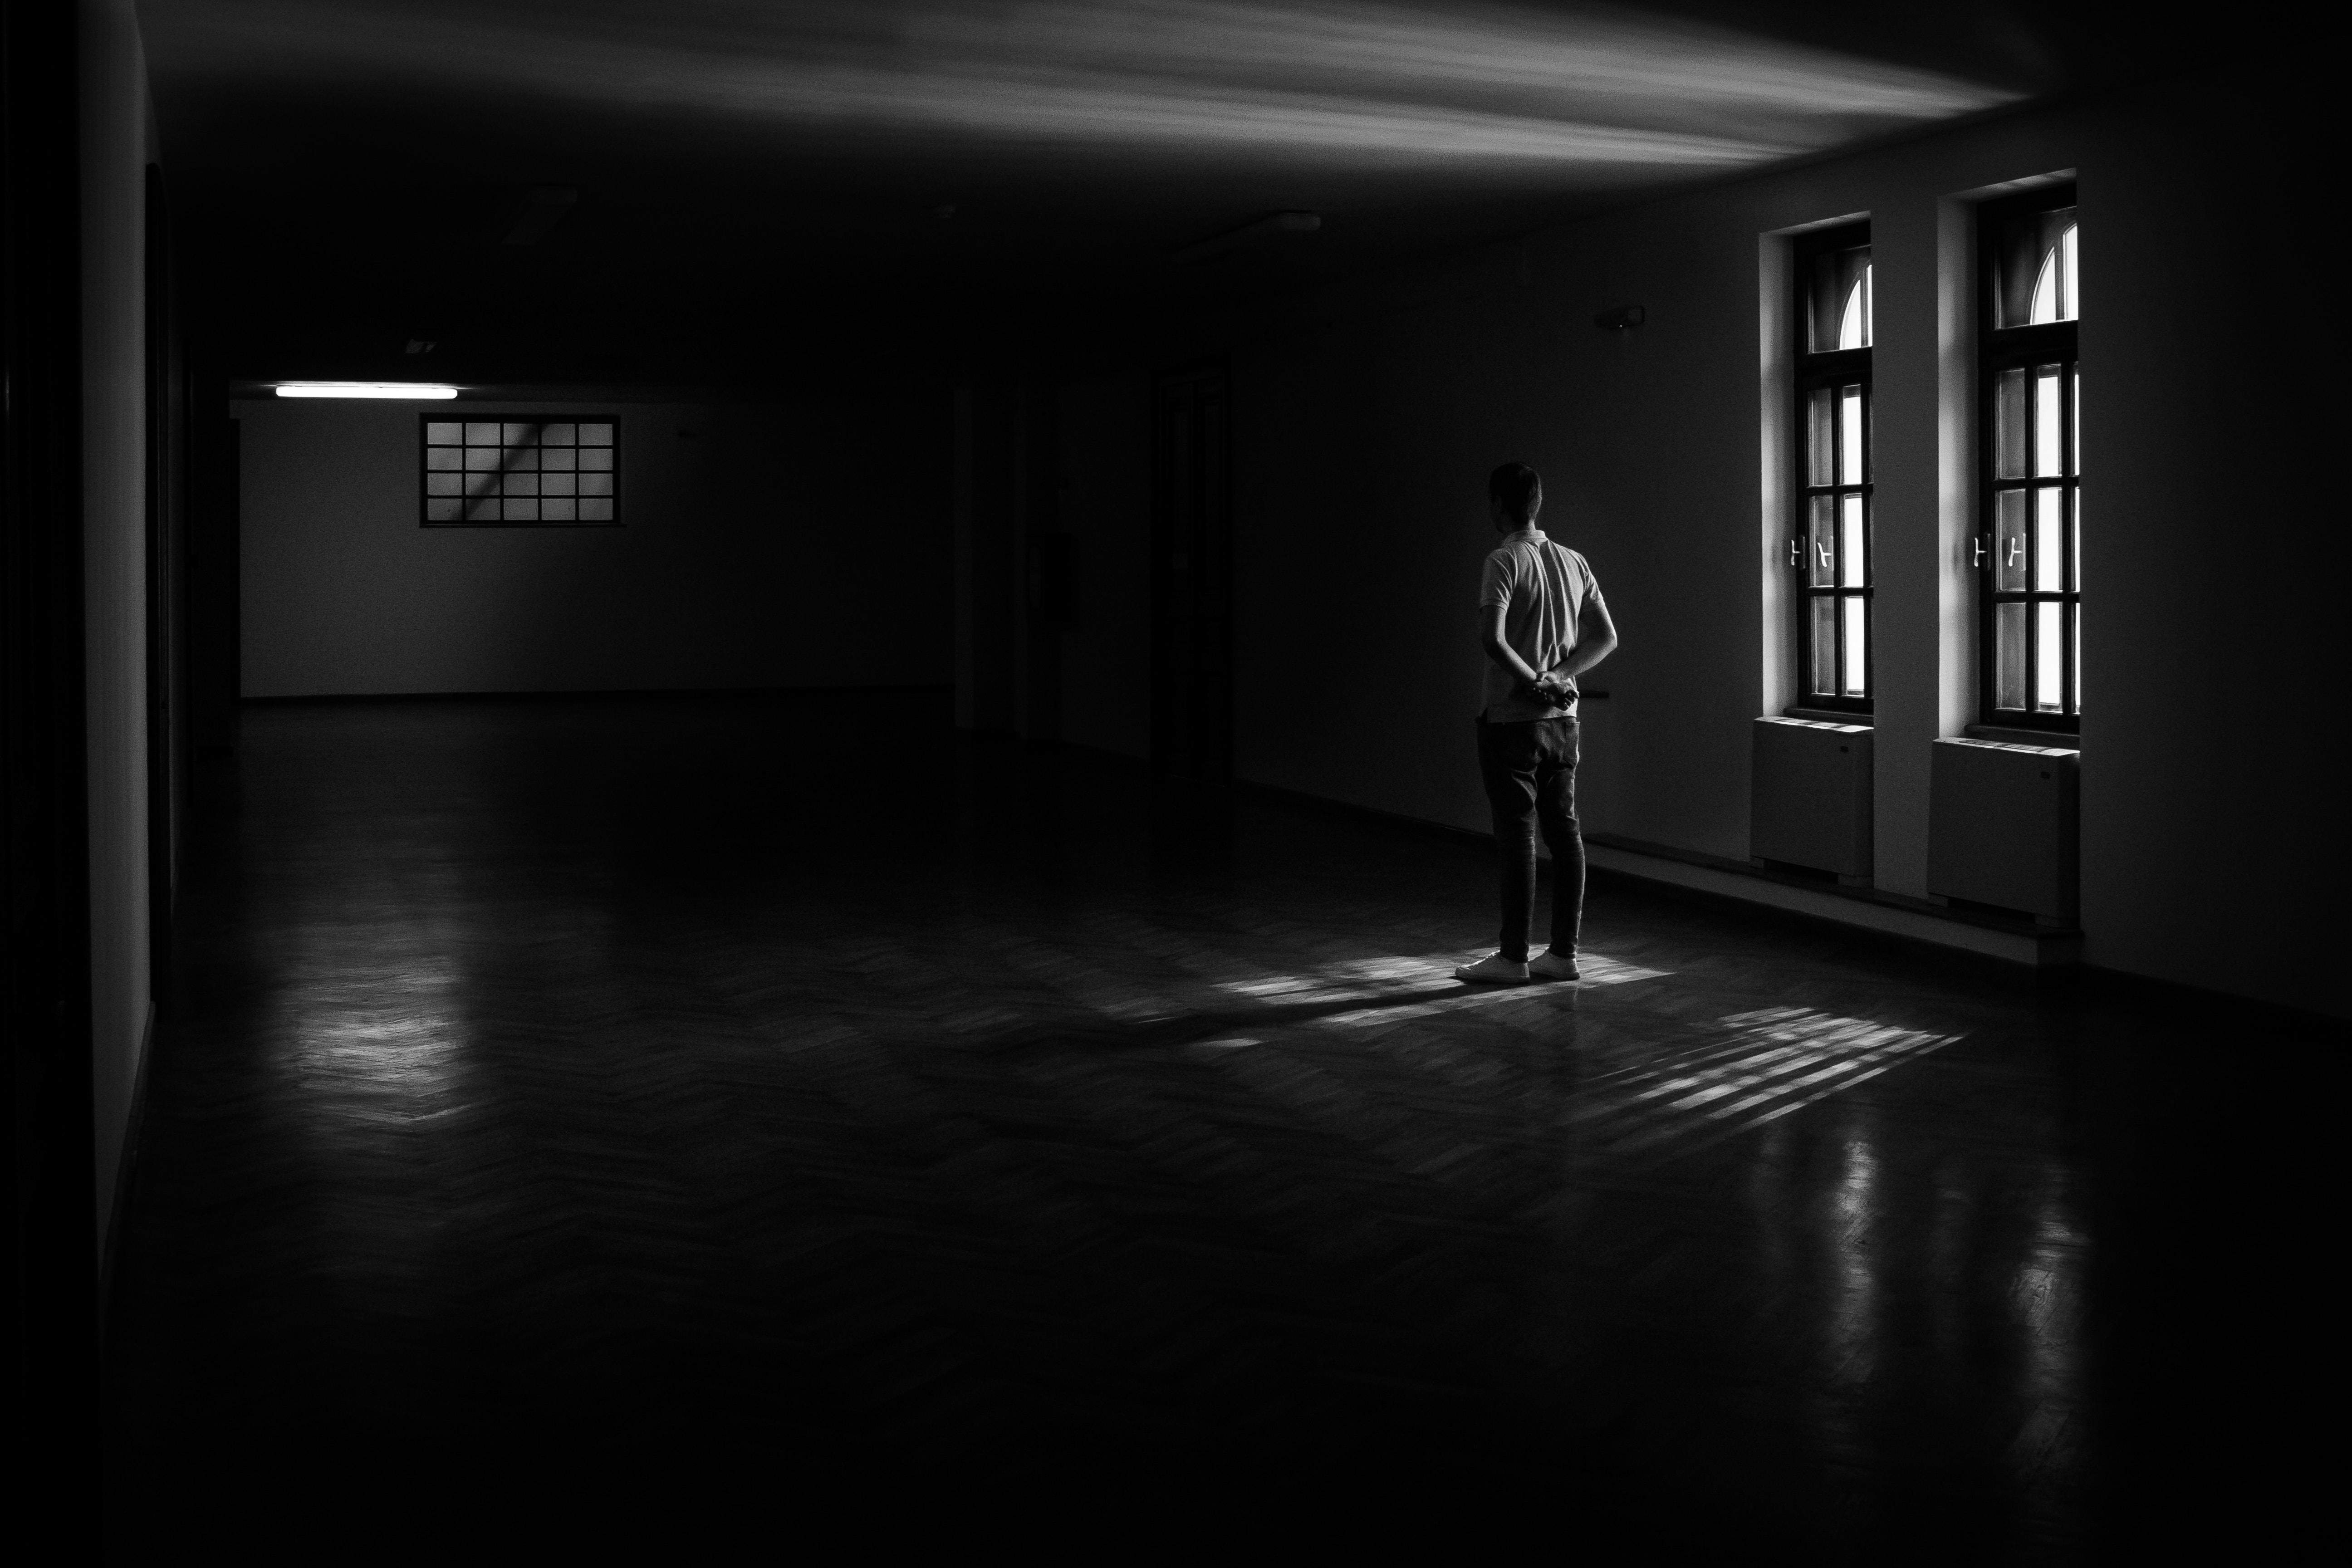 man standing near window inside house